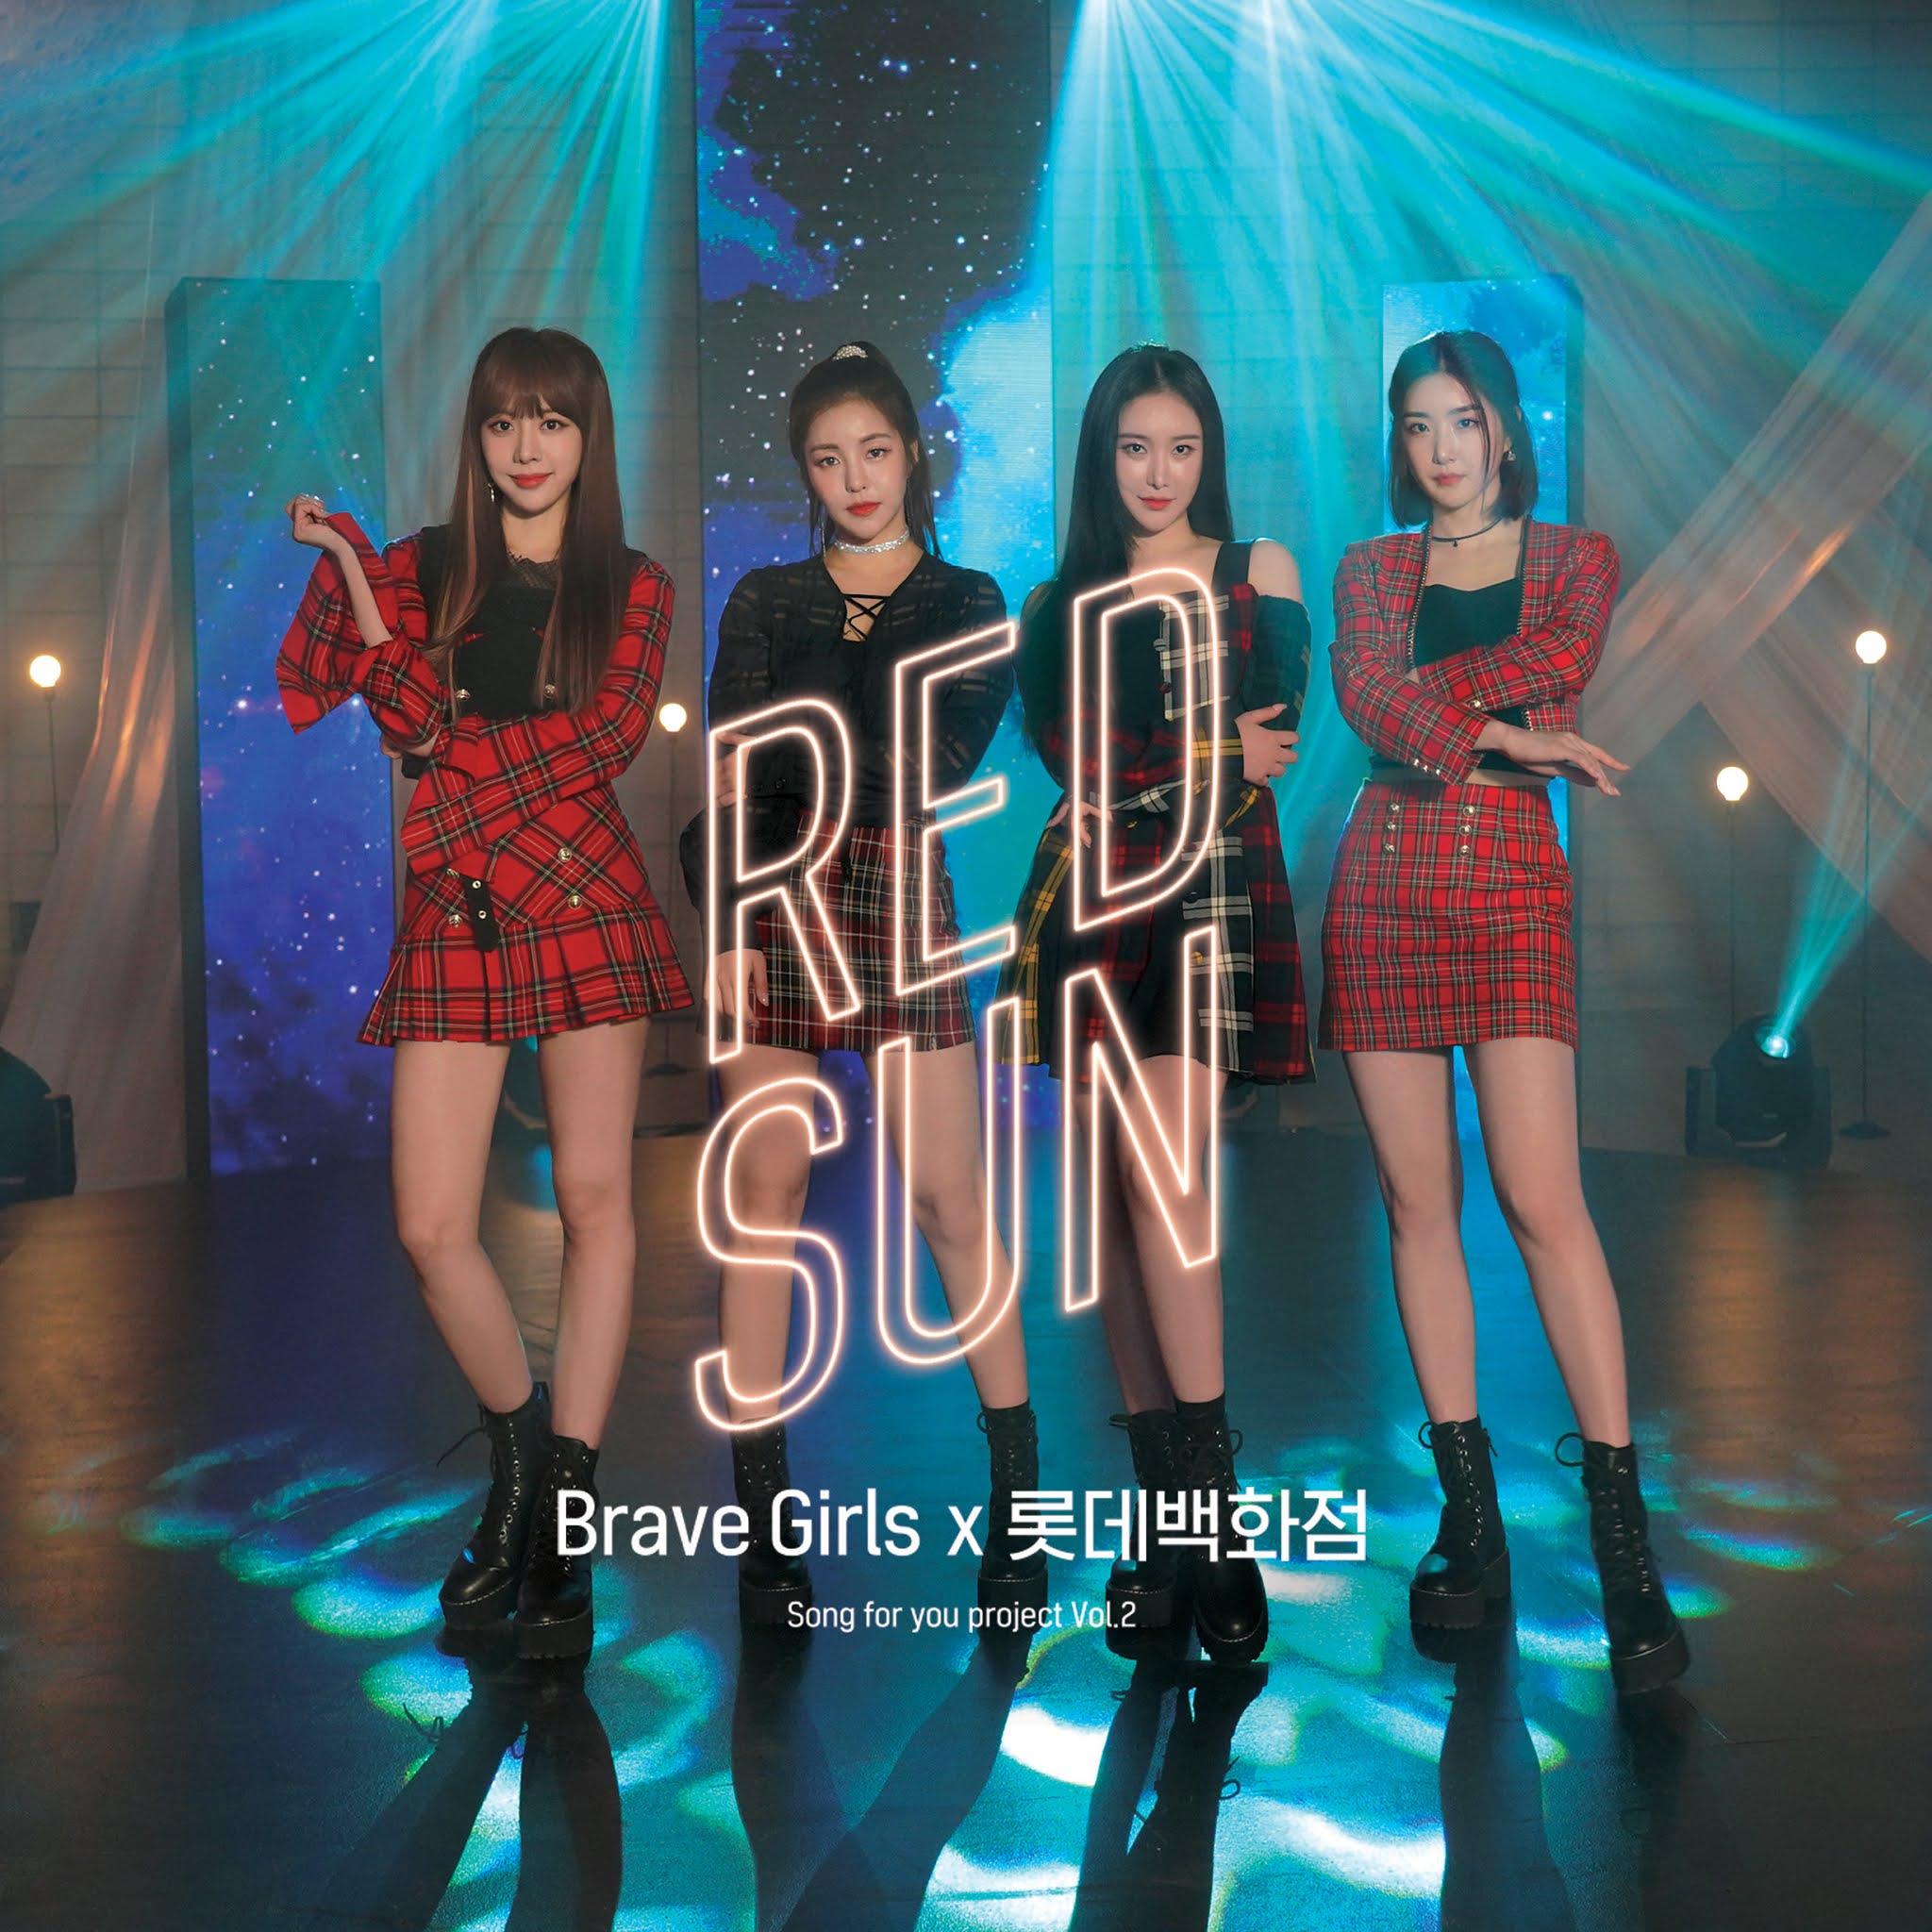 브레이브걸스 - Song for you project Vol.2 : RED SUN